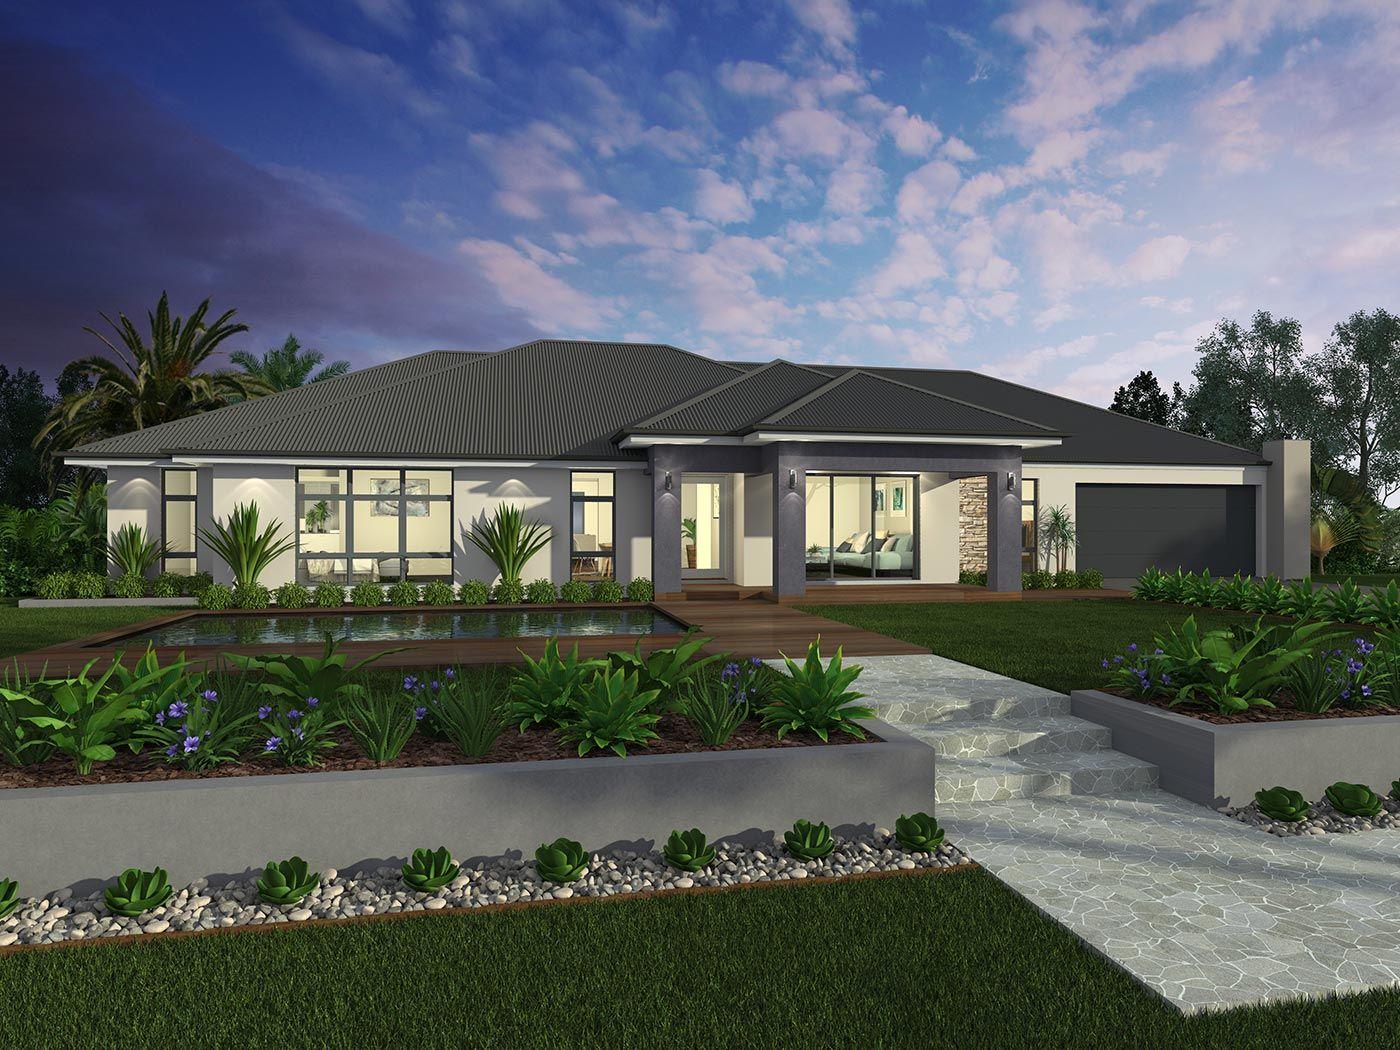 Acreage home design Dakota Savoy